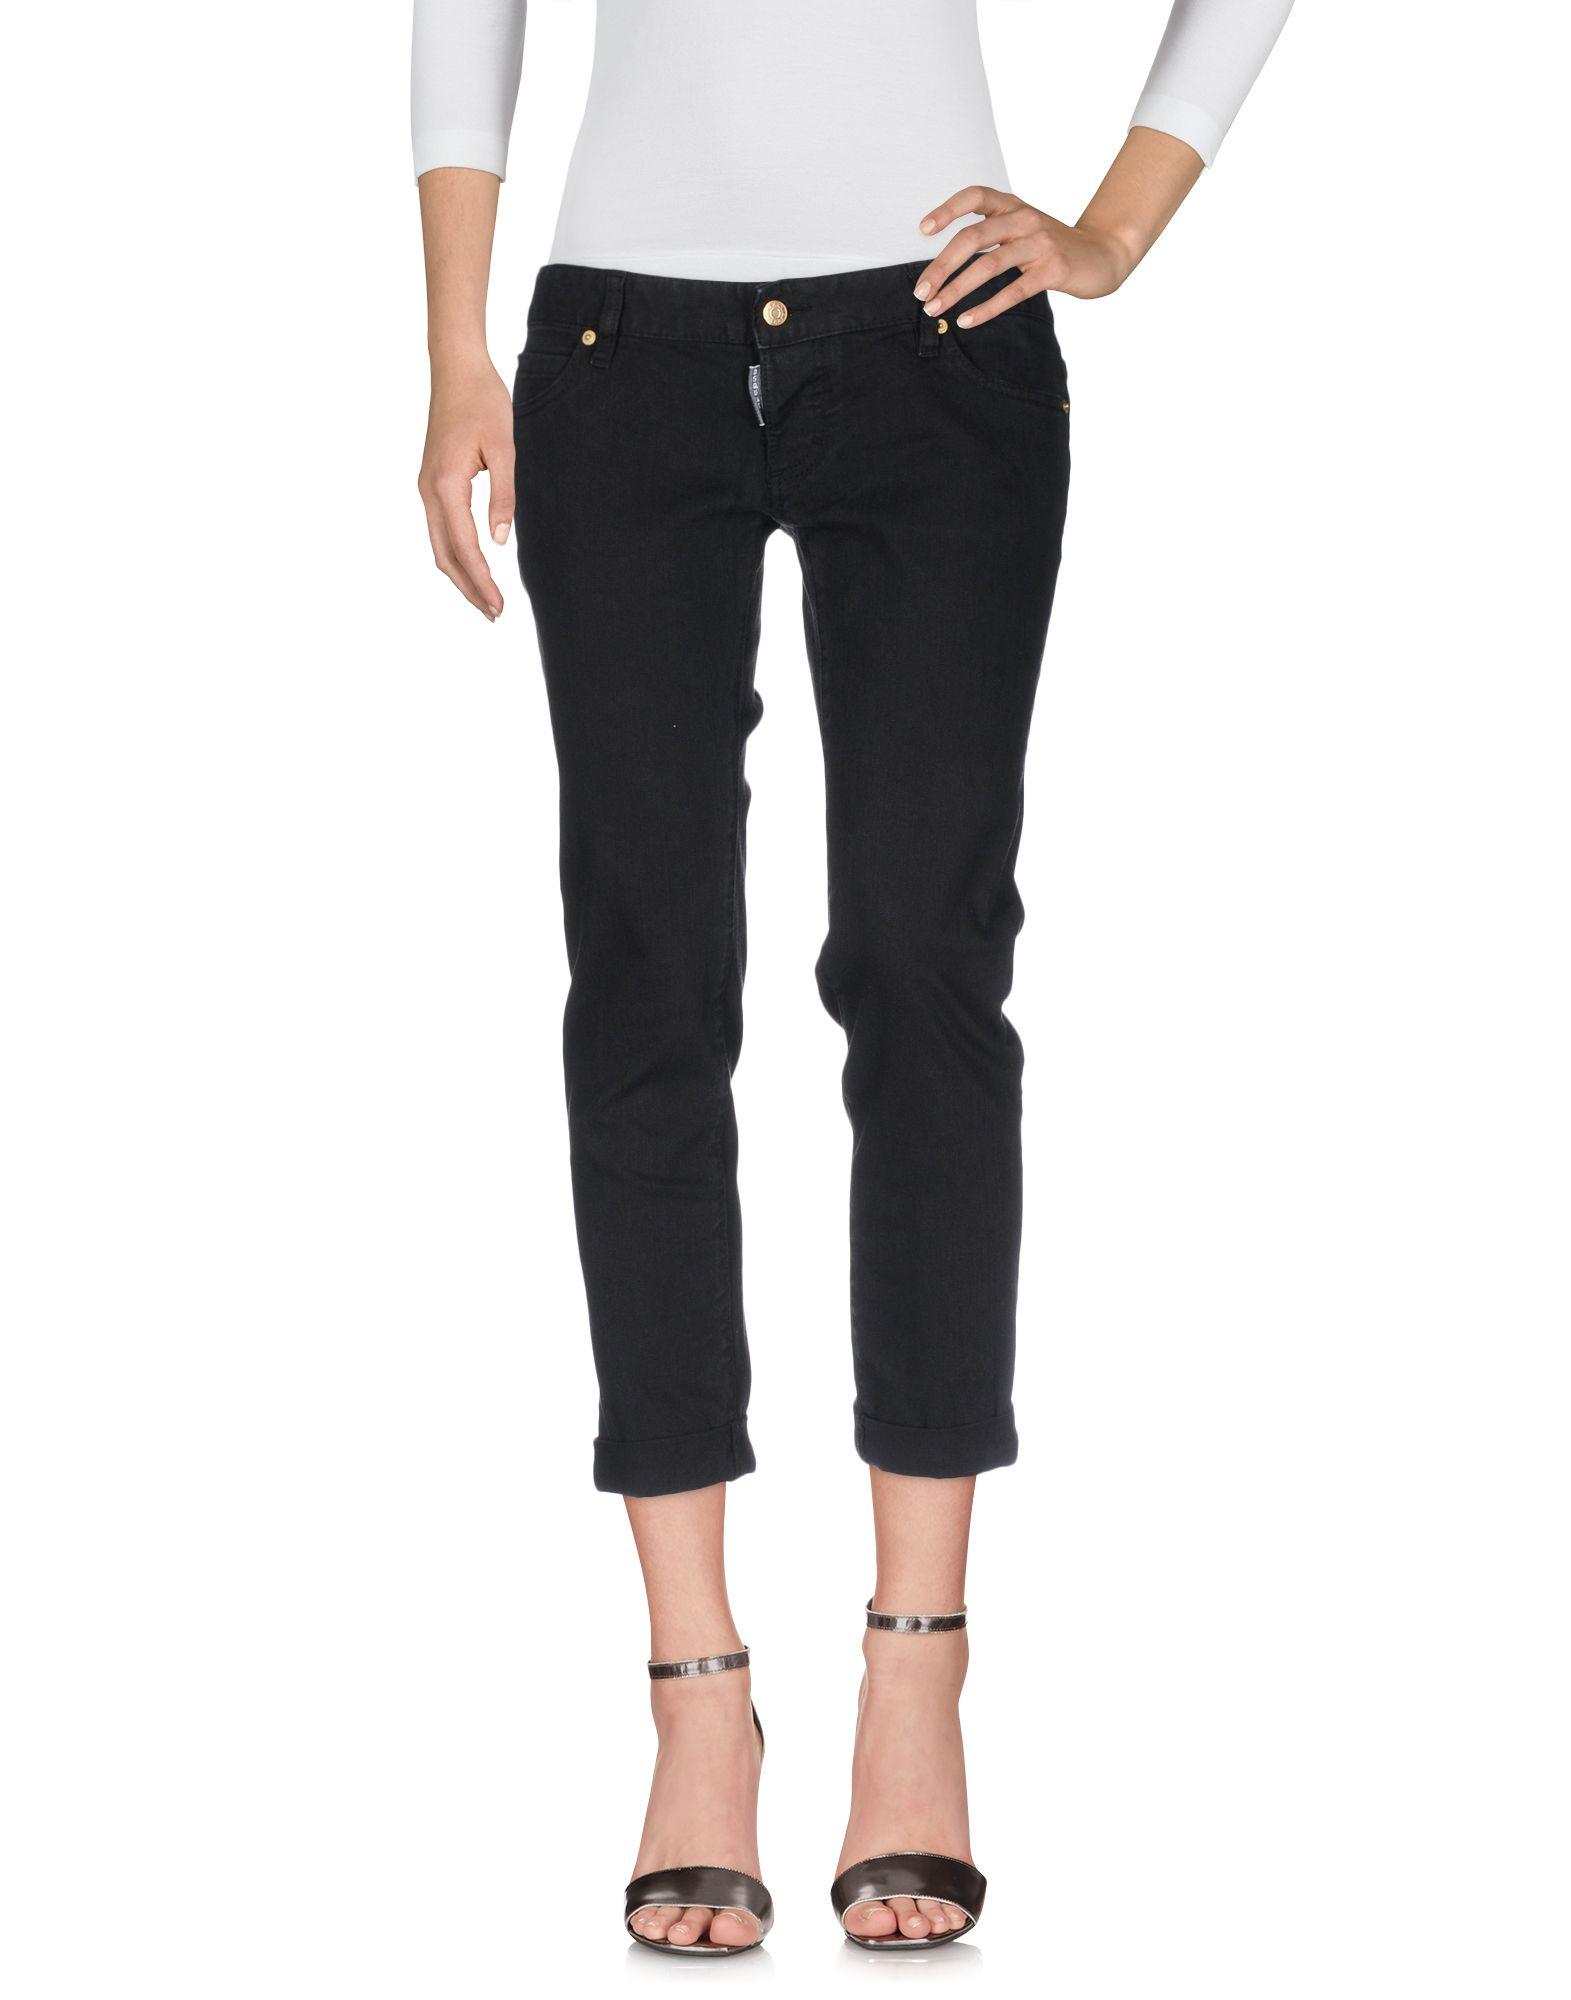 DSQUARED2 Damen Jeanshose Farbe Schwarz Größe 4 jetztbilligerkaufen